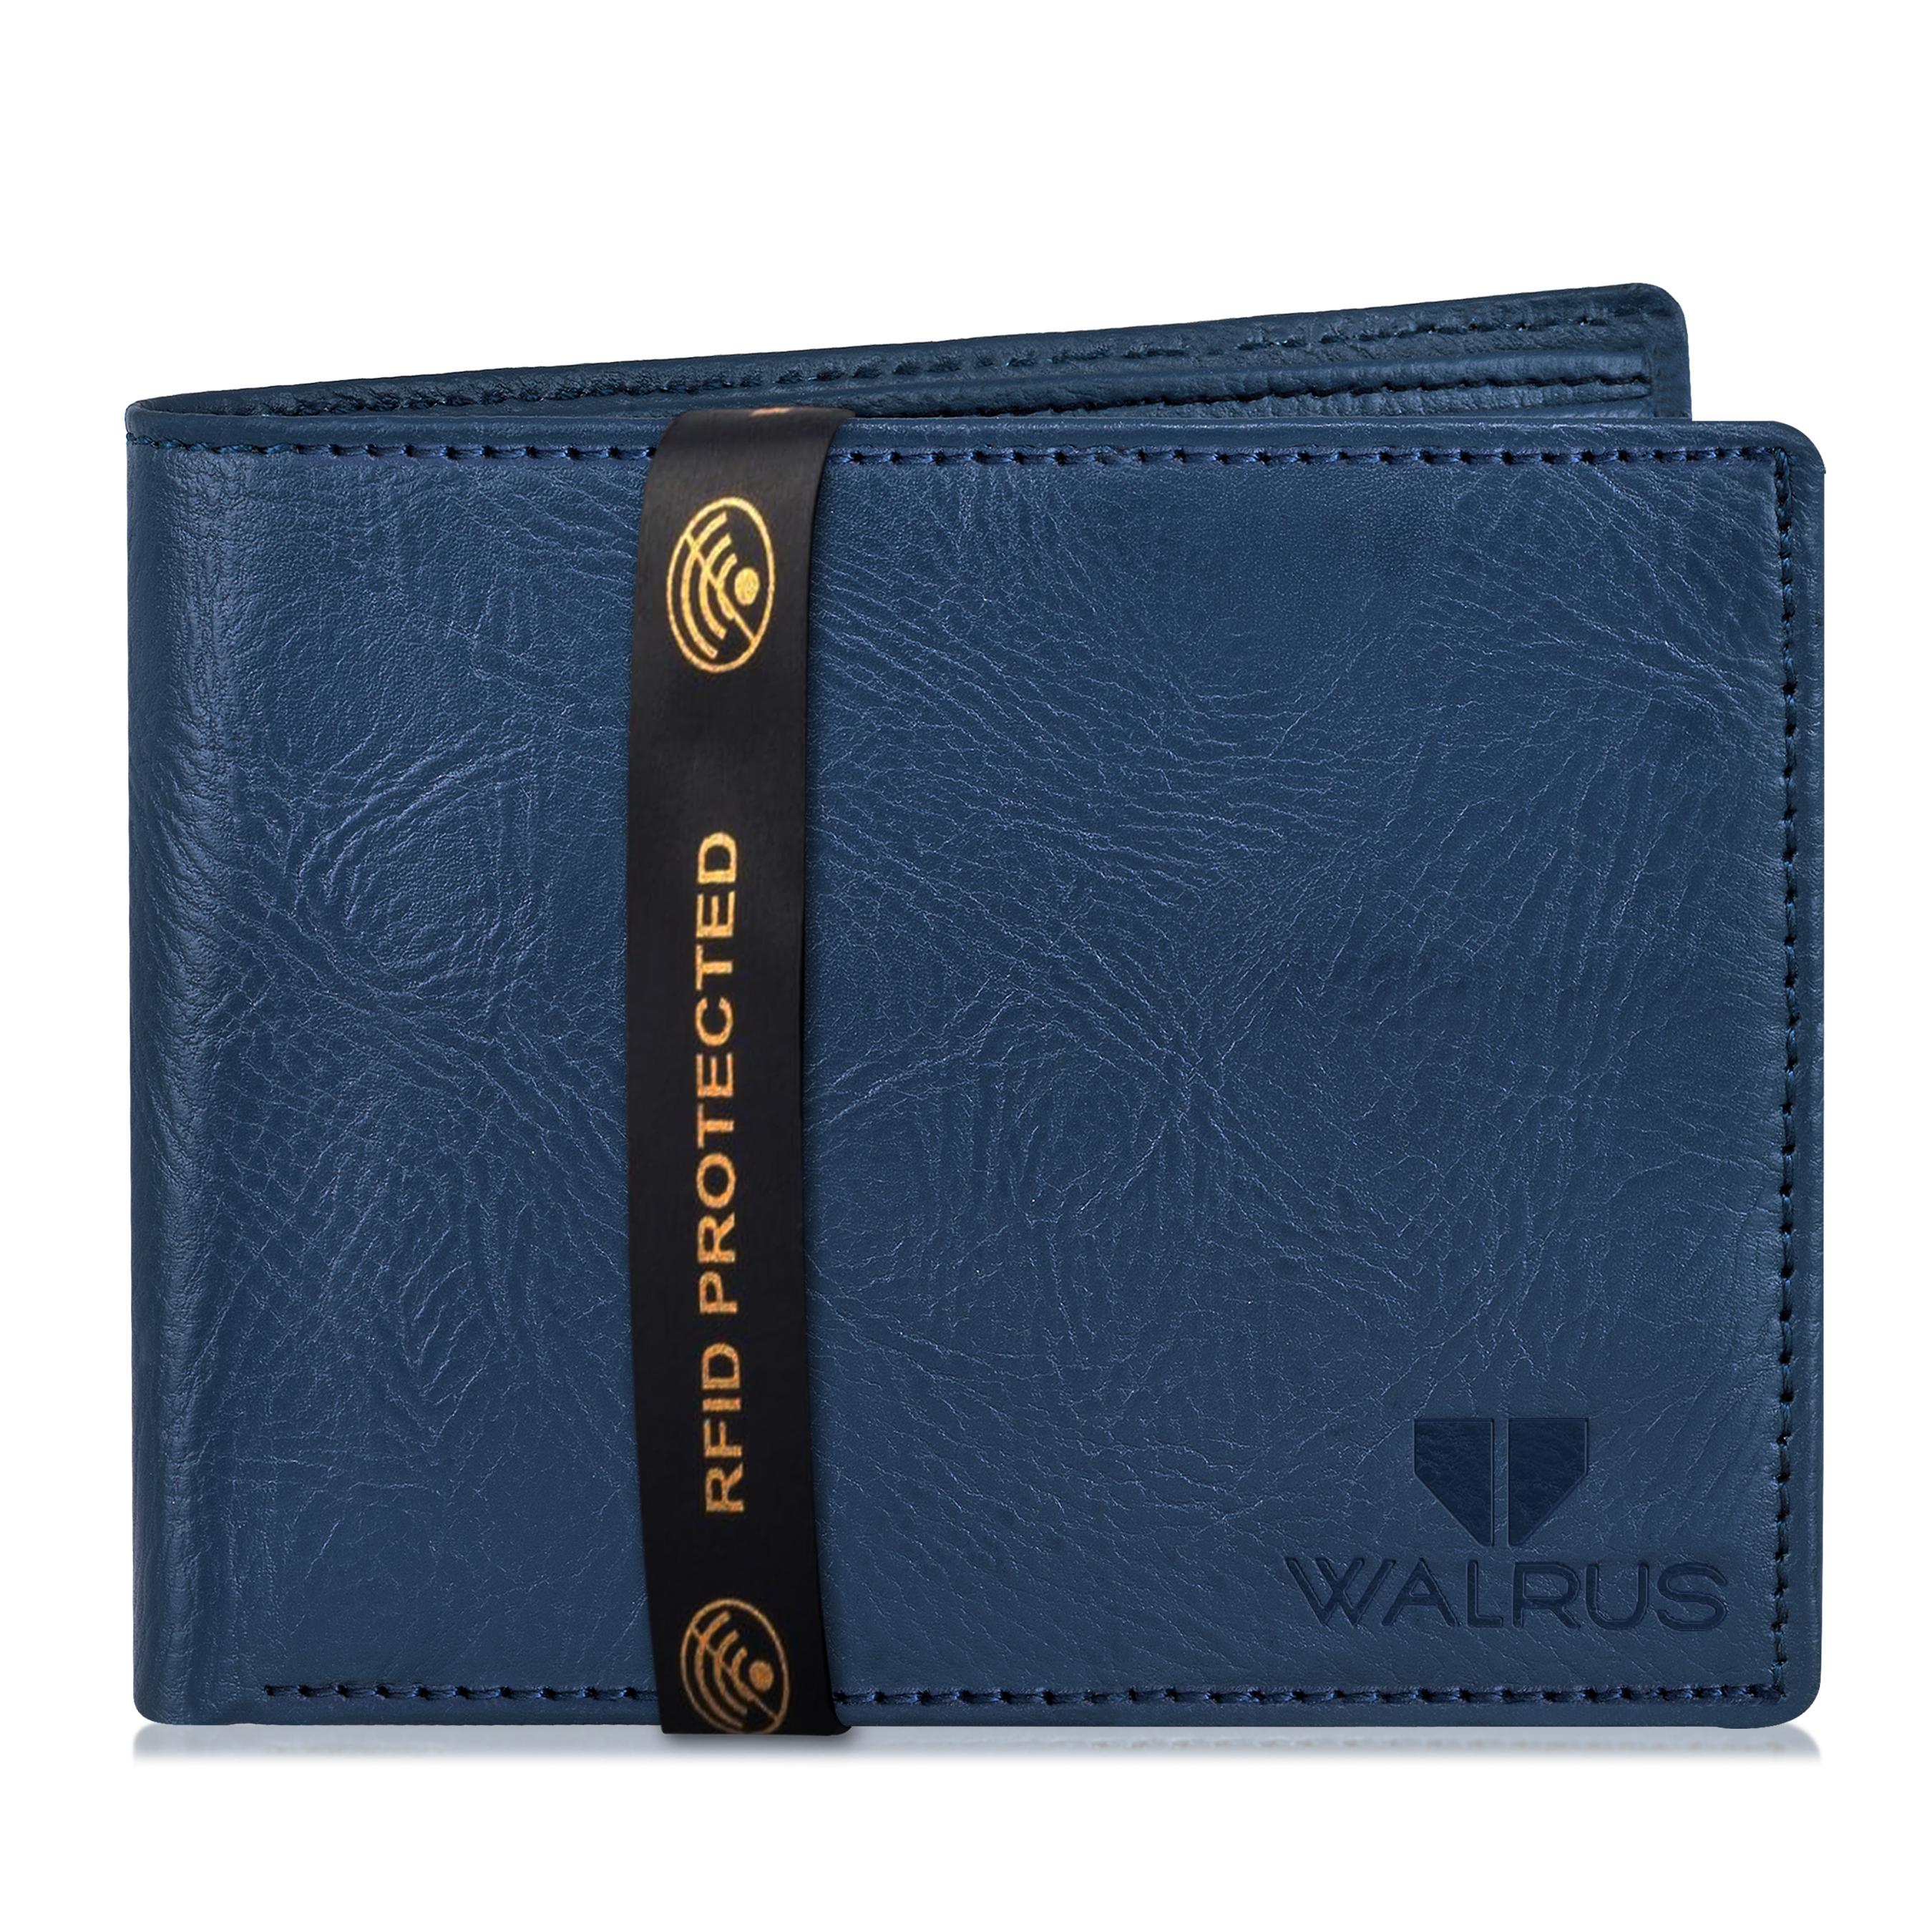 Walrus   Walrus Vet-III Blue Vagan Leather Men Wallet